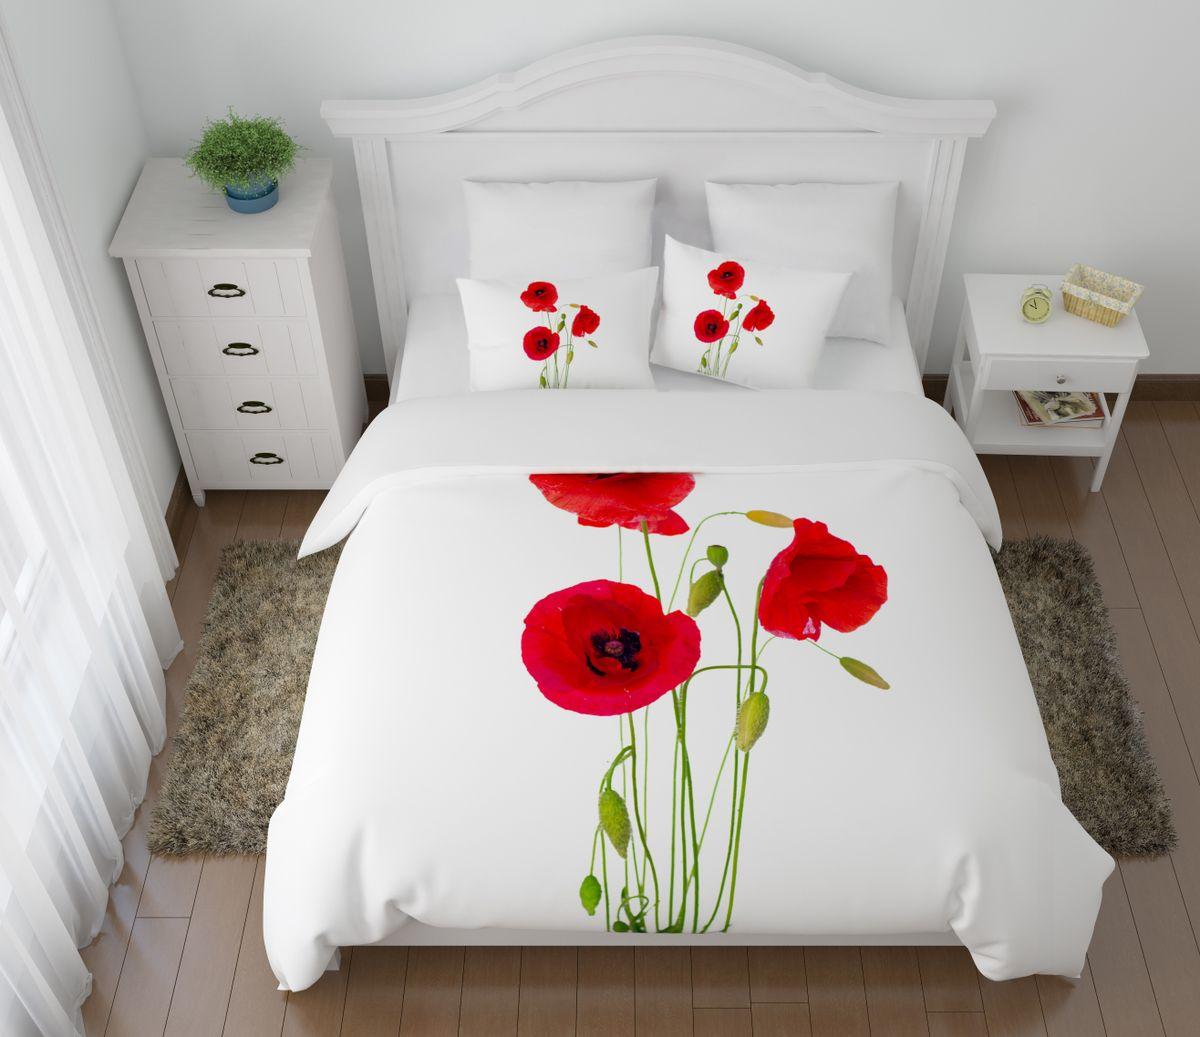 Комплект белья Сирень Выразительные маки, 1,5-спальный, наволочки 50x7008488-КПБ-МКомплект постельного белья Сирень выполнен из прочной и мягкой ткани. Четкий и стильный рисунок в сочетании с насыщенными красками делают комплект постельного белья неповторимой изюминкой любого интерьера. Постельное белье идеально подойдет для подарка. Идеальное соотношение смешенной ткани и гипоаллергенных красок это гарантия здорового, спокойного сна. Ткань хорошо впитывает влагу, надолго сохраняет яркость красок. Цвет простыни, пододеяльника, наволочки в комплектации может немного отличаться от представленного на фото. В комплект входят: простынь - 150х220см; пододельяник 145х210 см; наволочка - 50х70х2шт. Постельное белье легко стирать при 30-40 градусах, гладить при 150 градусах, не отбеливать.Рекомендуется перед первым изпользованием постирать.